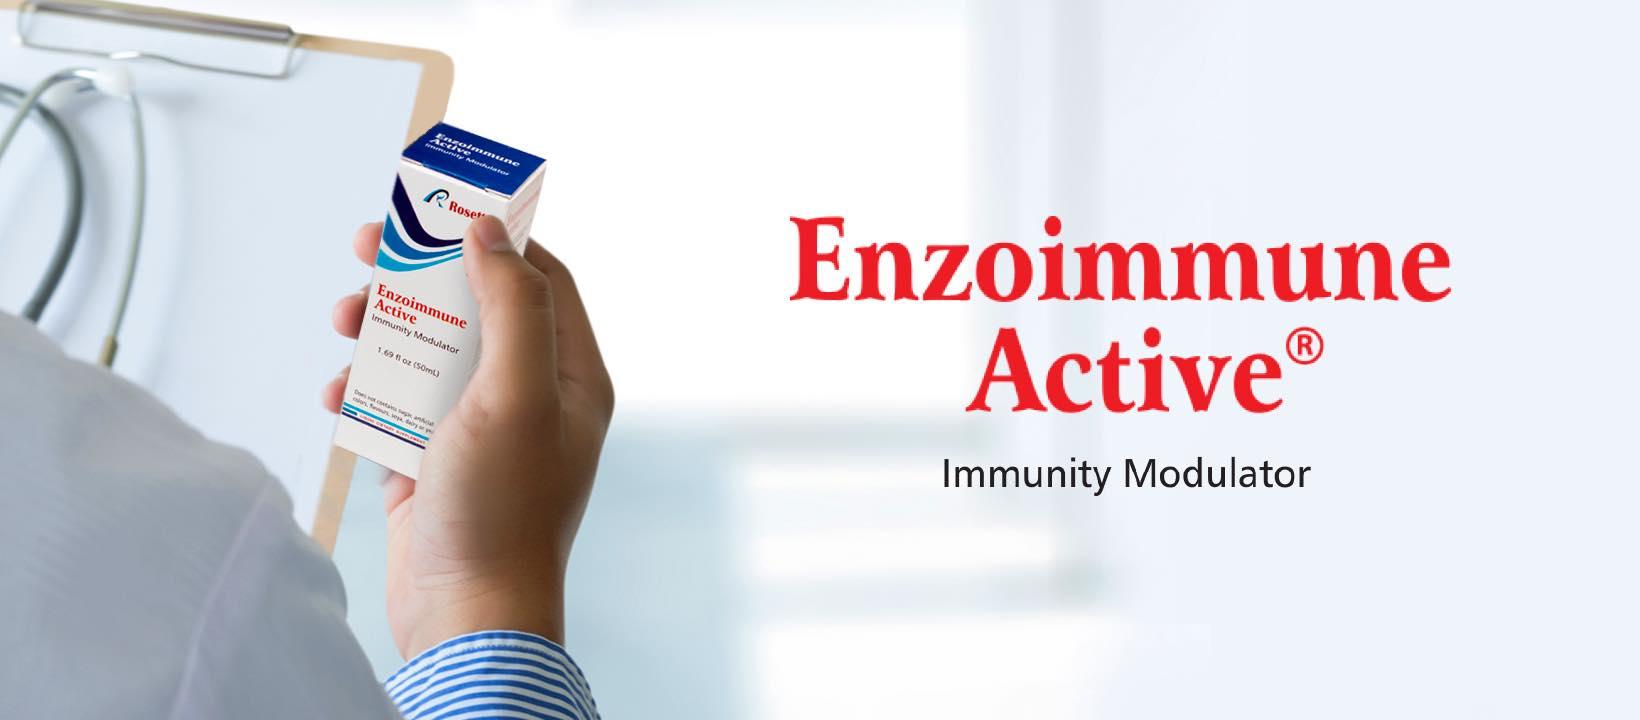 Enzoimmune Active Immunity Modulator